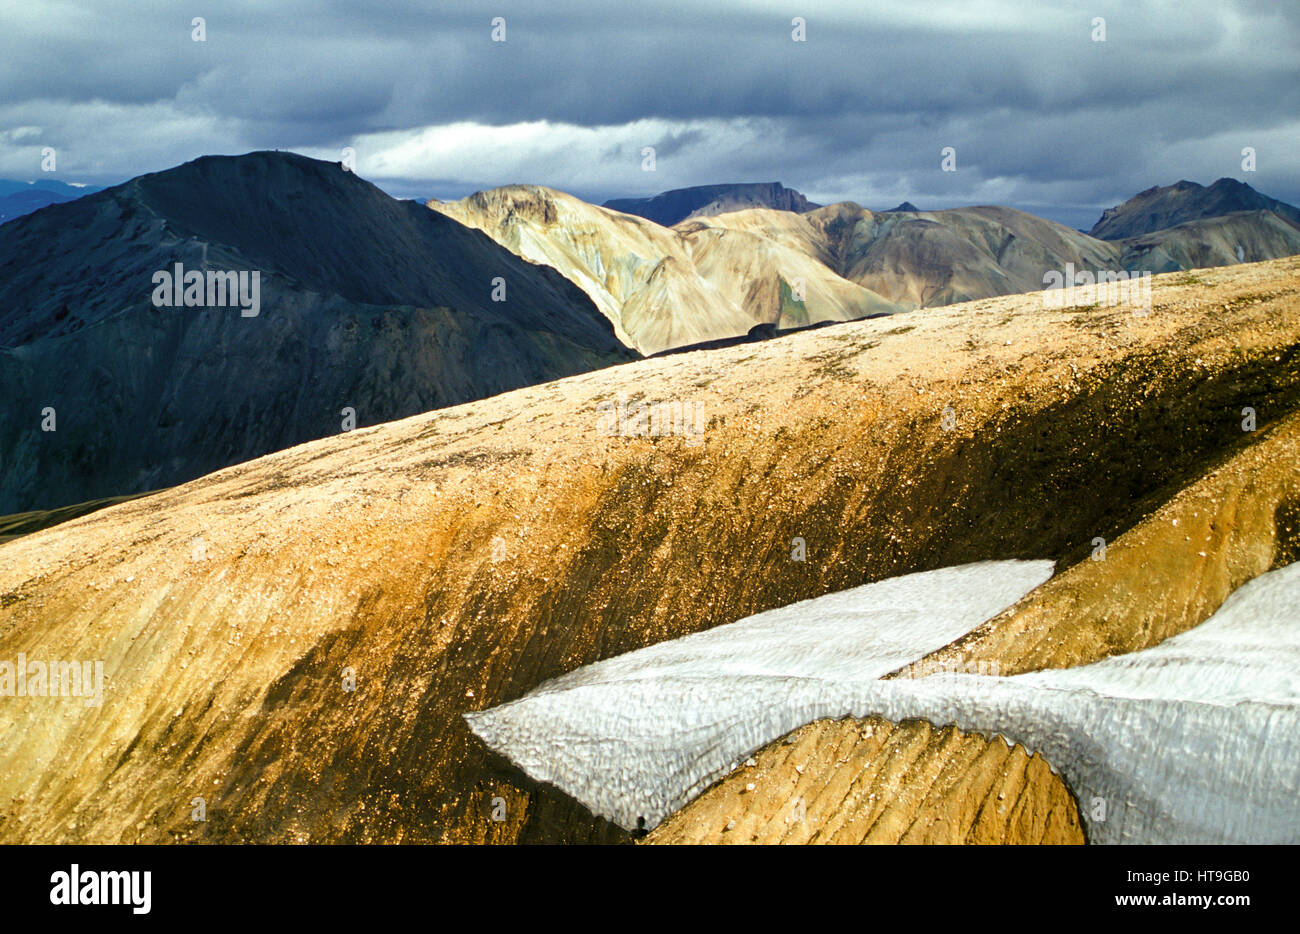 Unglaublich unwirklich vulkanischen Berglandschaft in Island im schönen Licht Stockbild